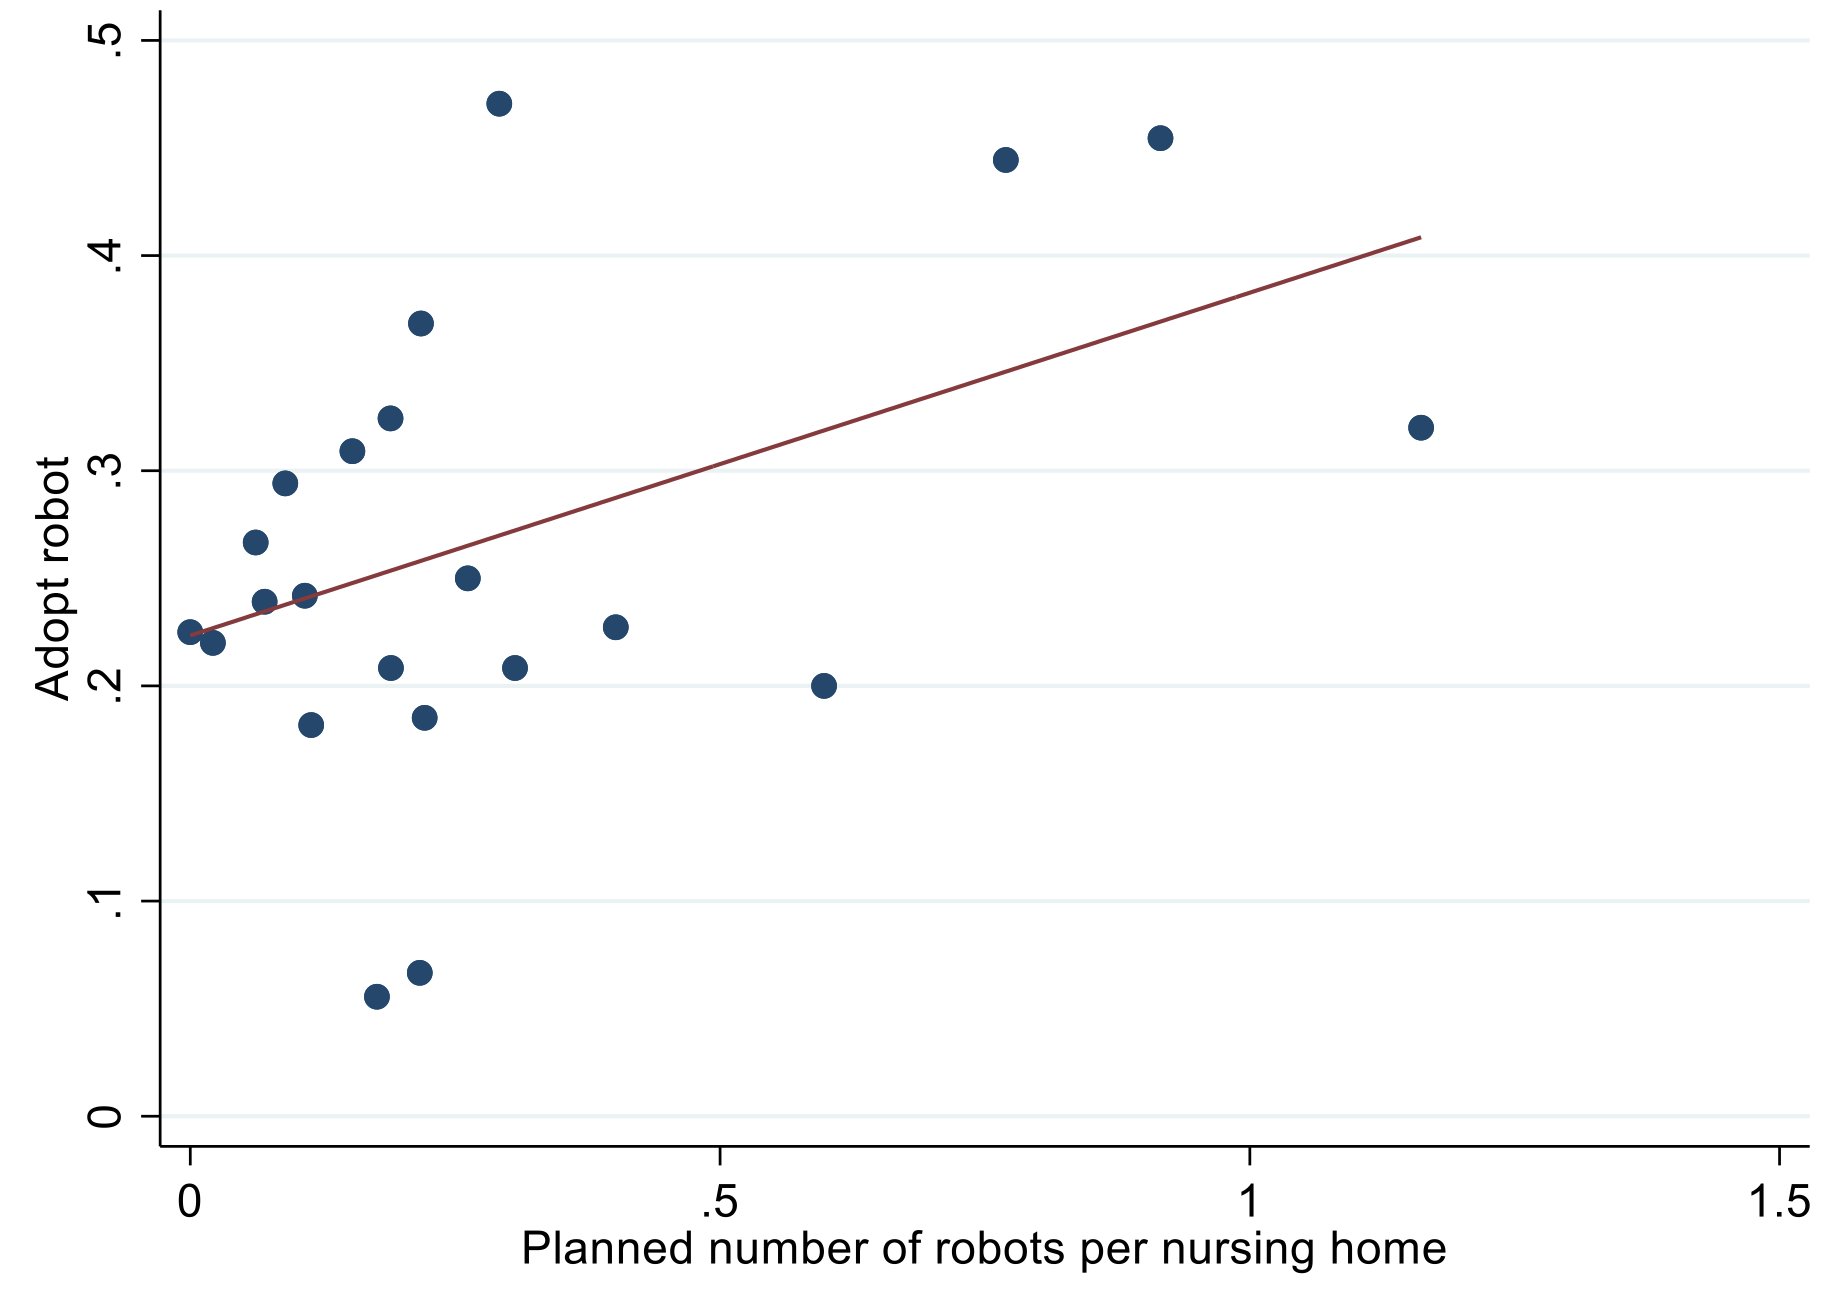 un graphique pour montrer l'augmentation de l'adoption de robots dans les maisons de retraite